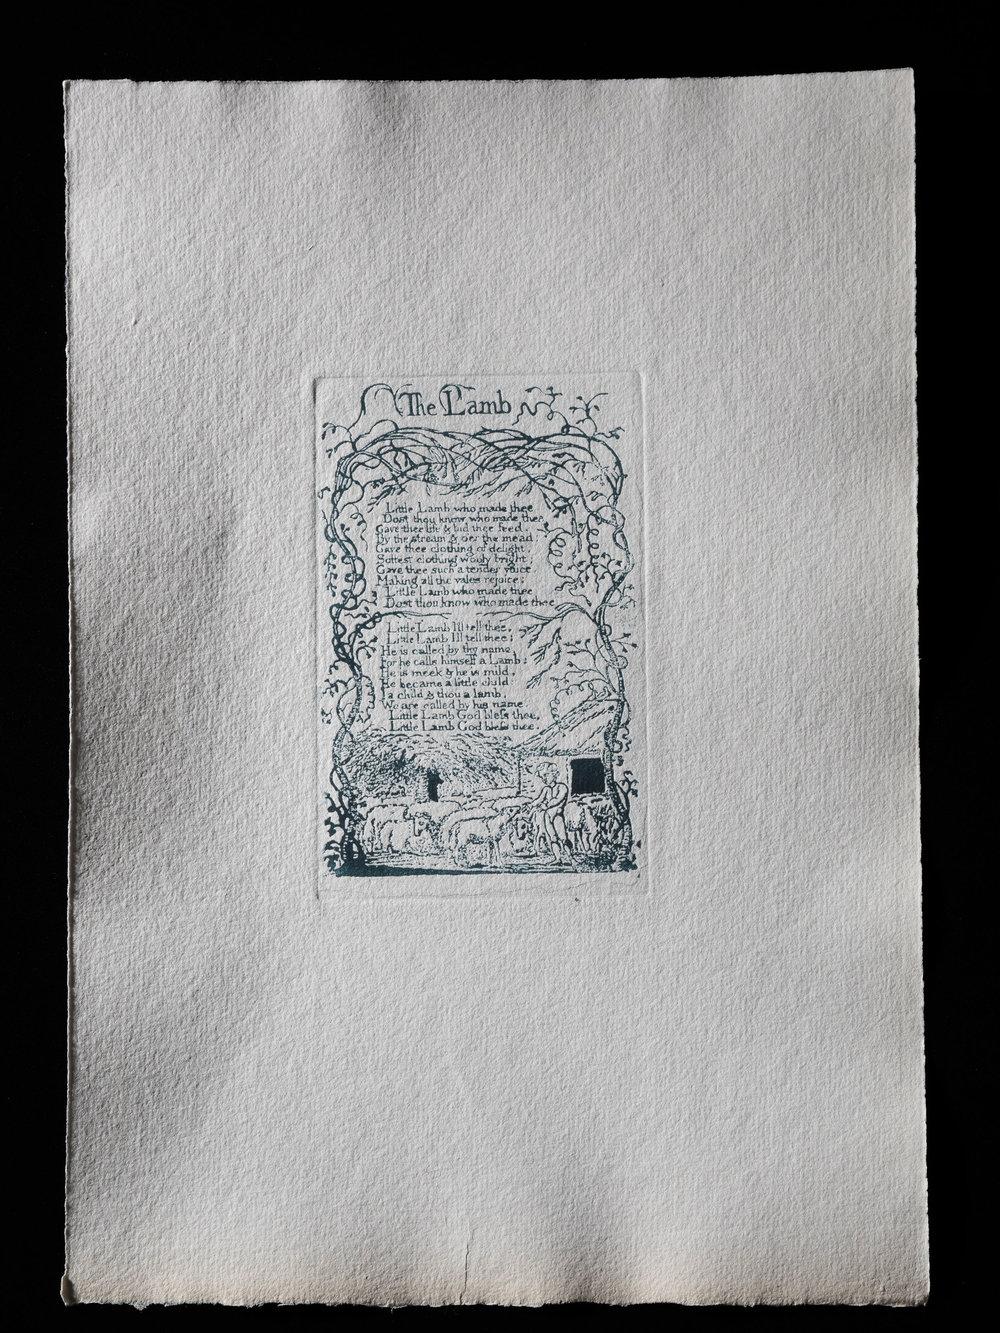 7. The Lamb, 123 x 78 mm